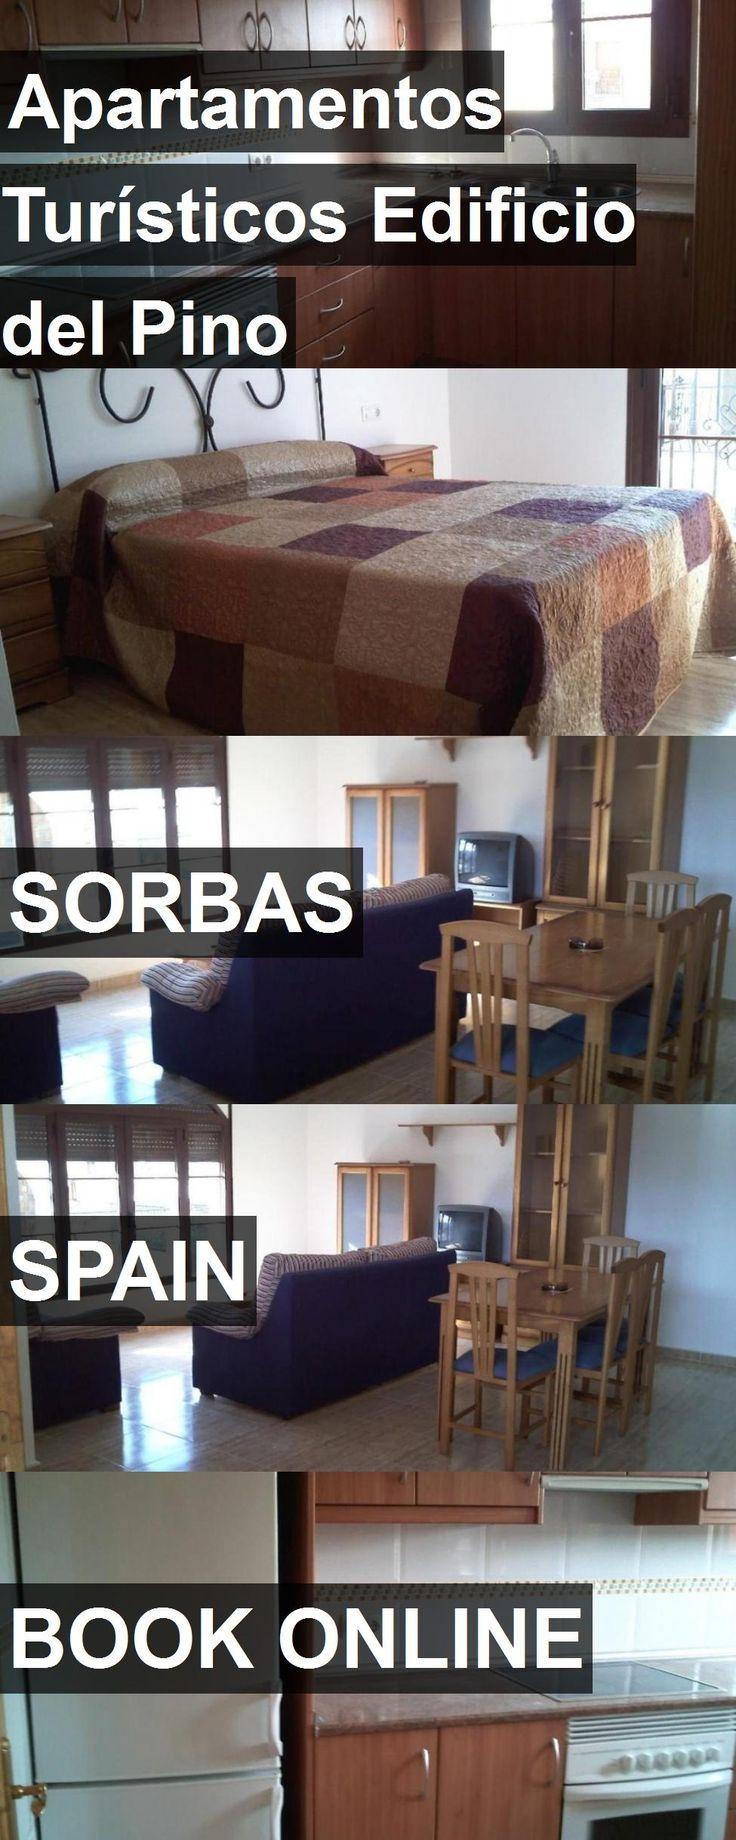 Hotel Apartamentos Turísticos Edificio del Pino in Sorbas, Spain. For more information, photos, reviews and best prices please follow the link. #Spain #Sorbas #ApartamentosTurísticosEdificiodelPino #hotel #travel #vacation